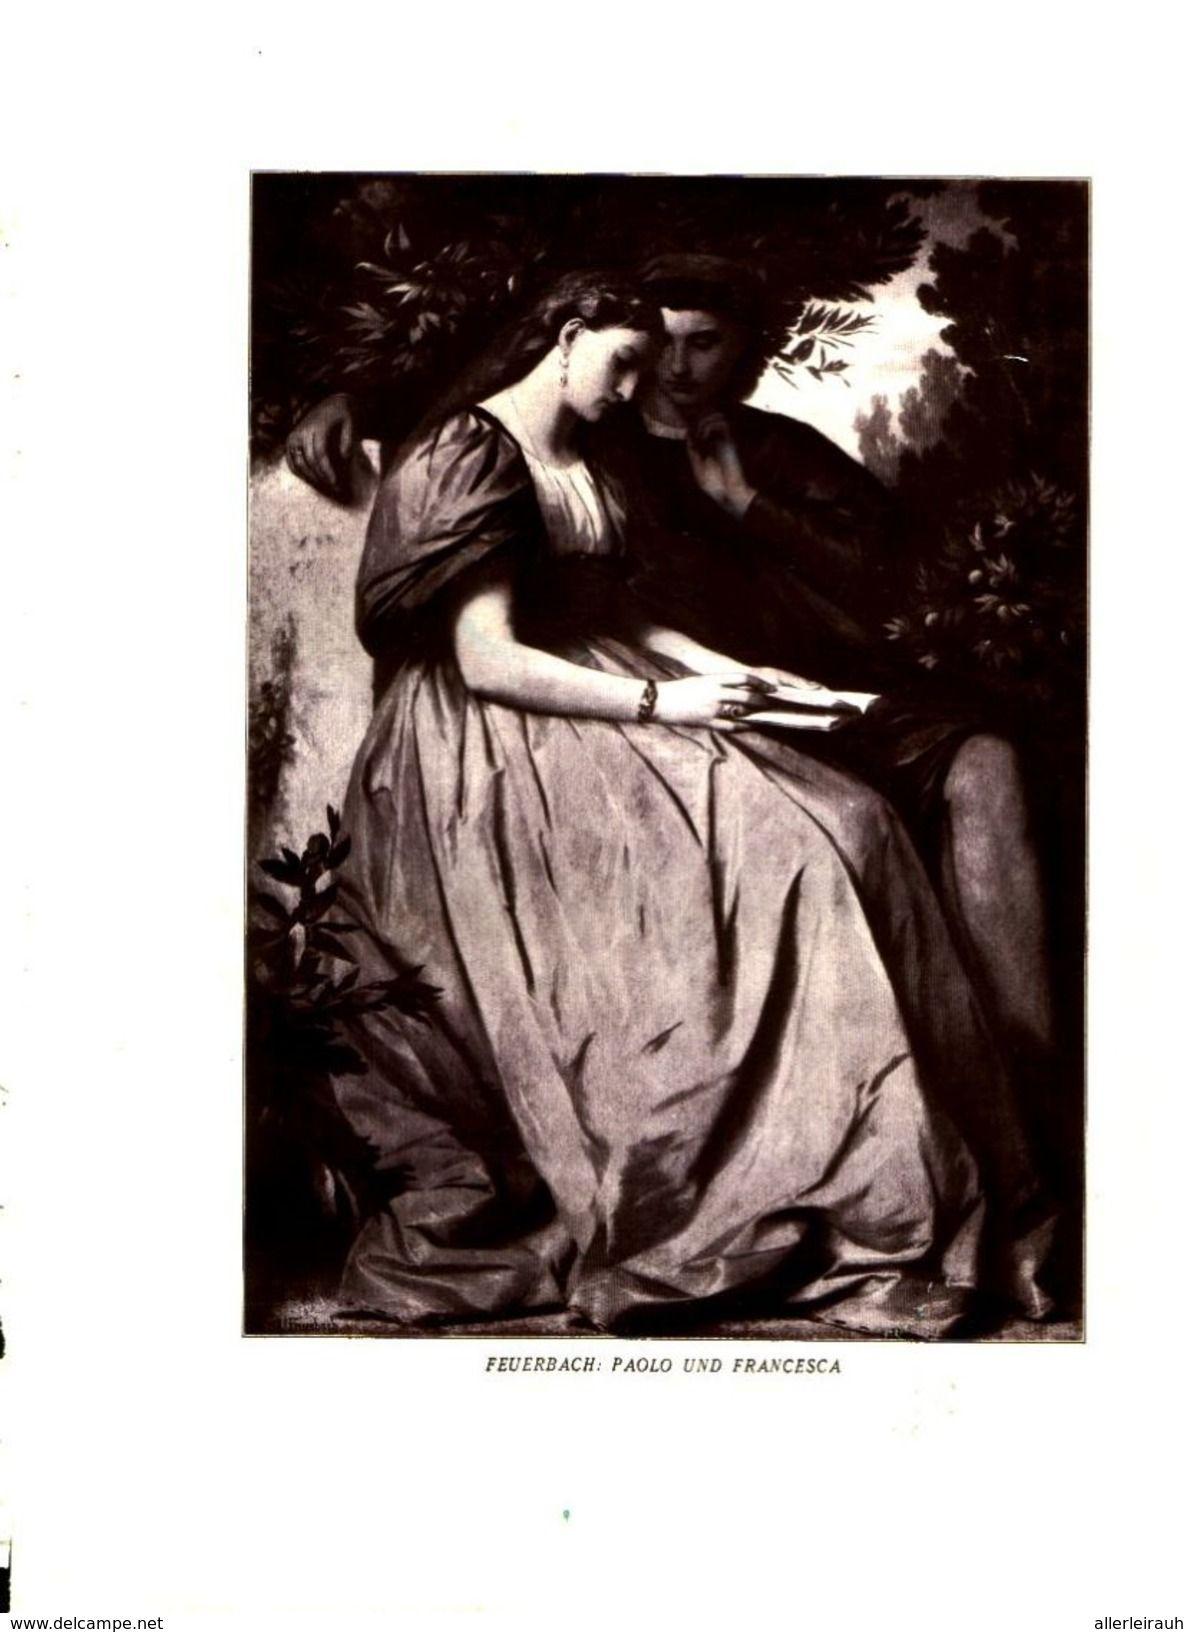 Feuerbach Paolo Und Fancesca Druck Entnommen Aus Zeitschrift 1929 Artikelnummer 469952008 Zeitschriften Drucken Bucher